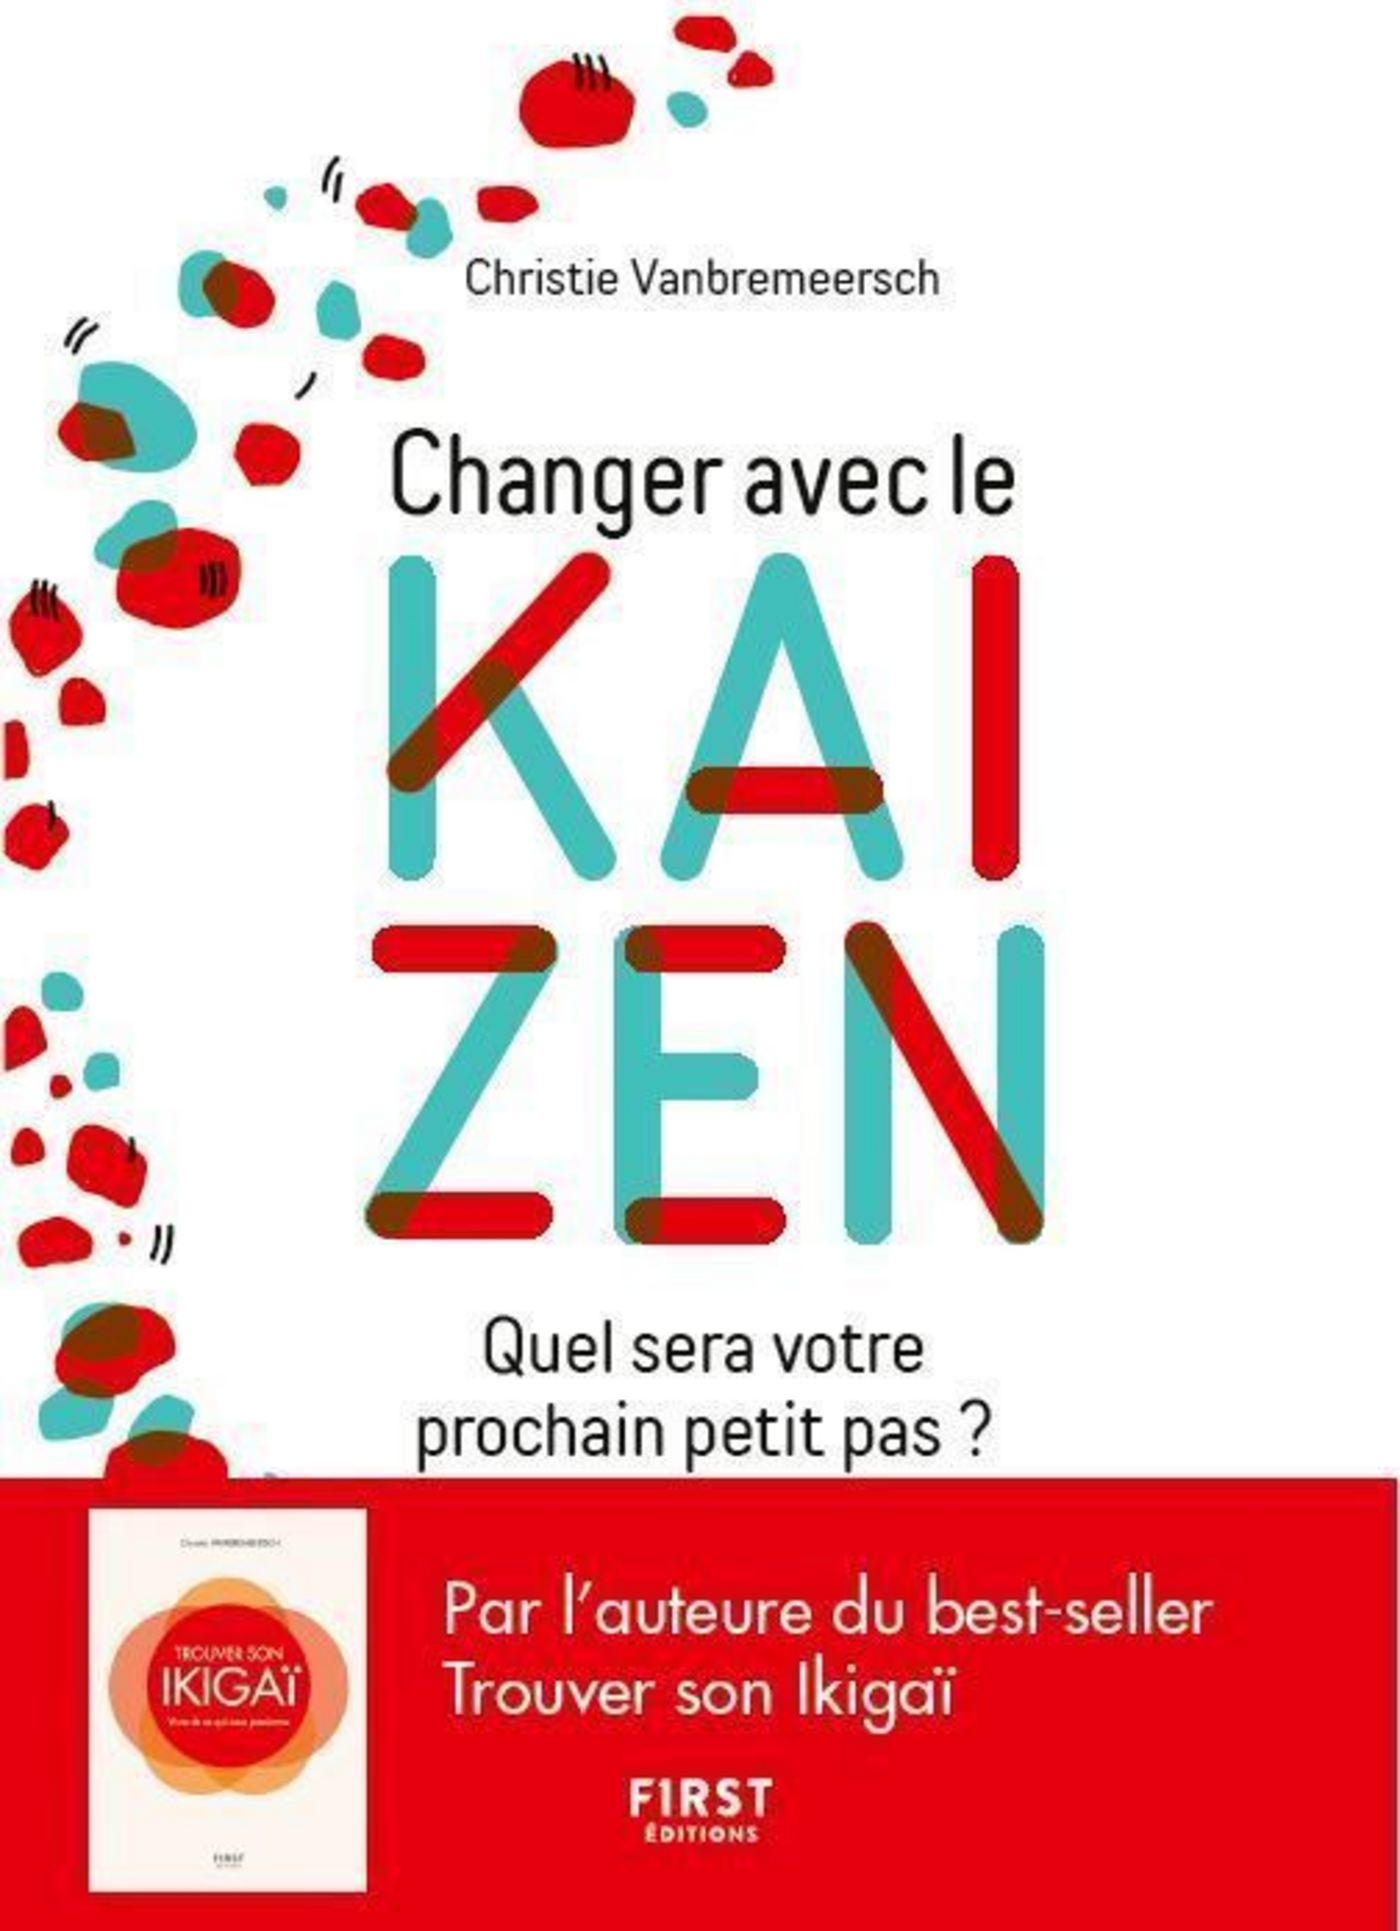 Changez avec le kaizen - quel sera votre prochain petit pas ?